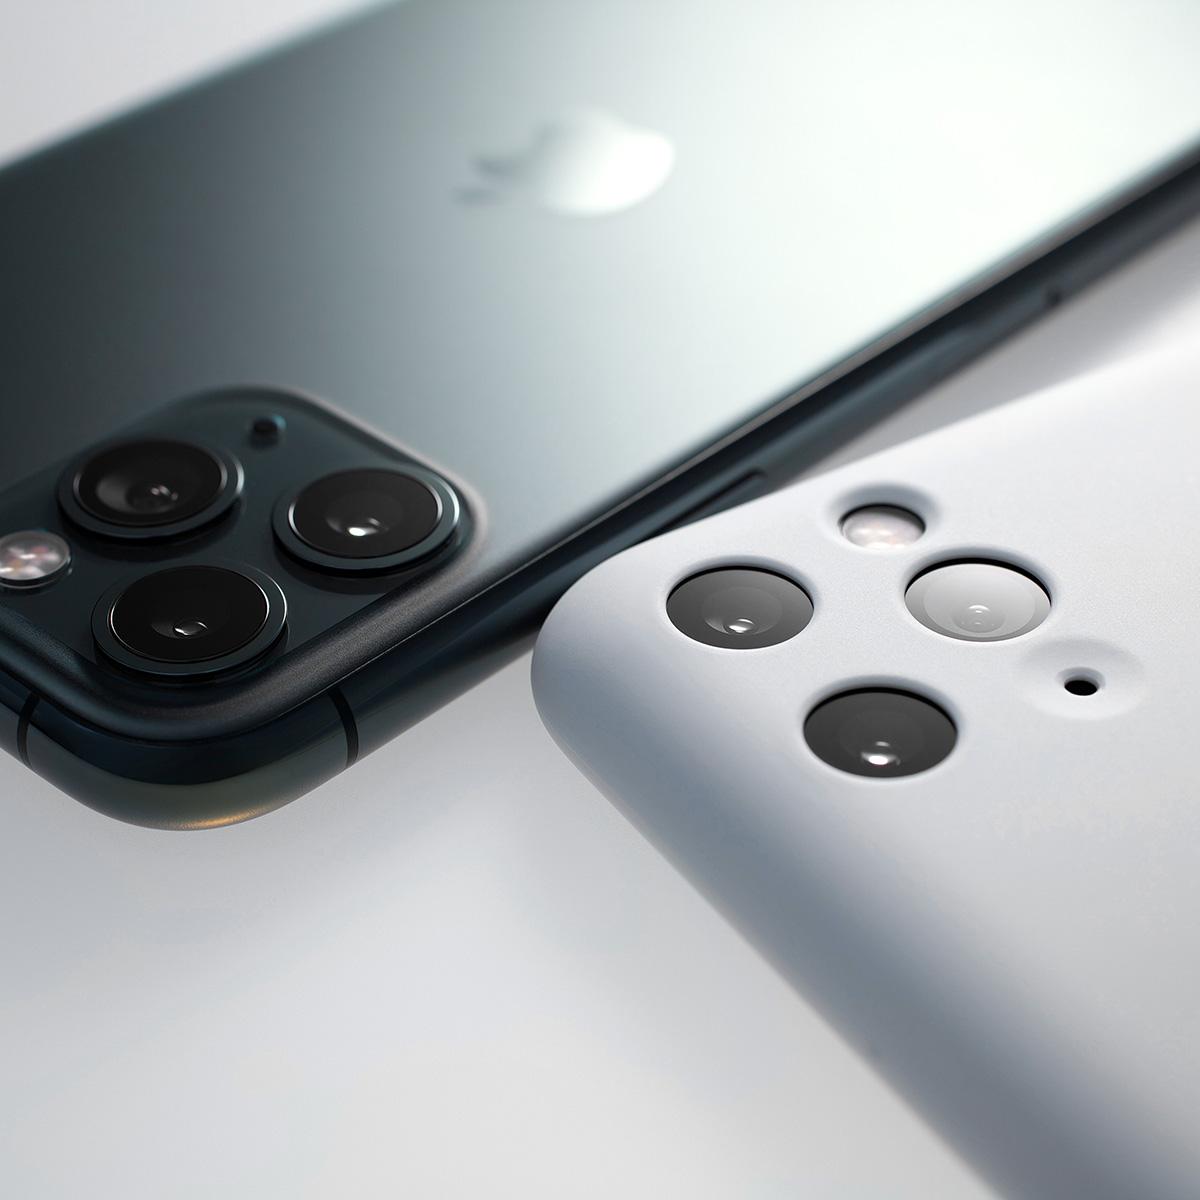 【ネコポス送料無料】【iPhone11 Pro】MYNUS CASE(マットブラック)